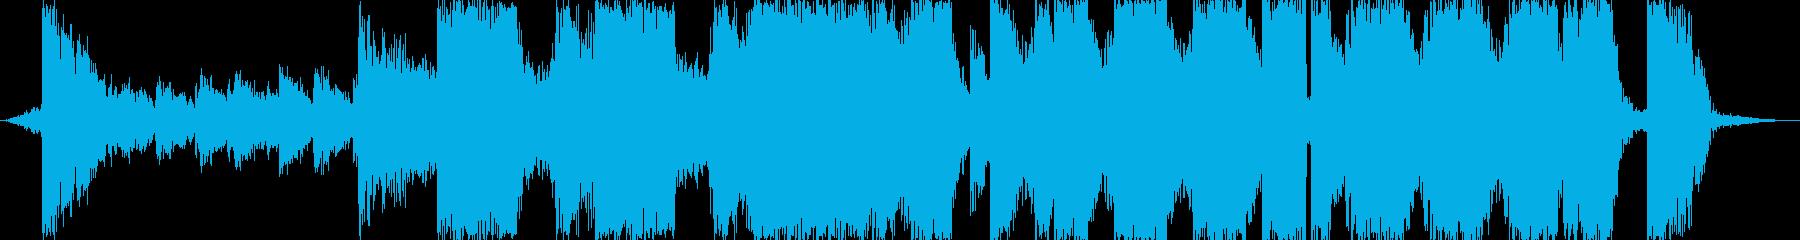 エレクトロ 交響曲 モダン 室内楽...の再生済みの波形